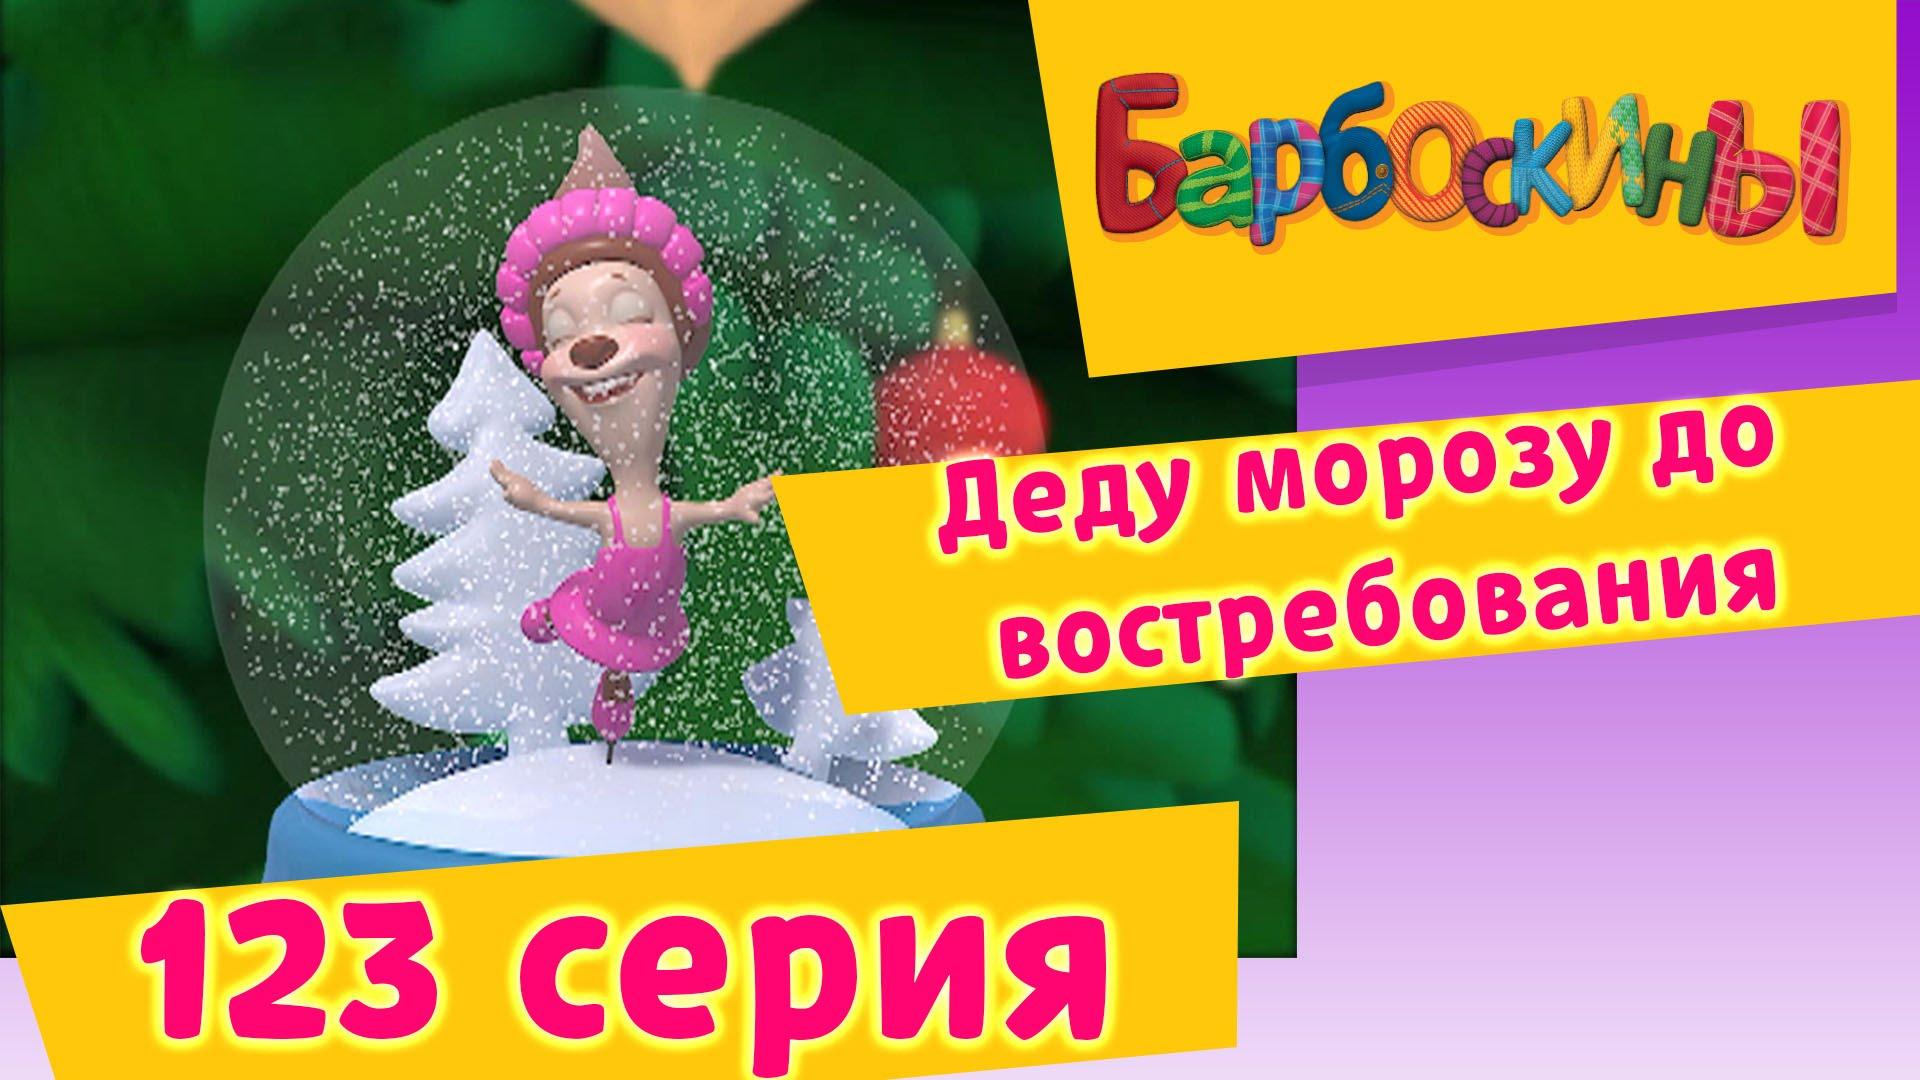 Барбоскины — 123 серия. Деду морозу до востребования